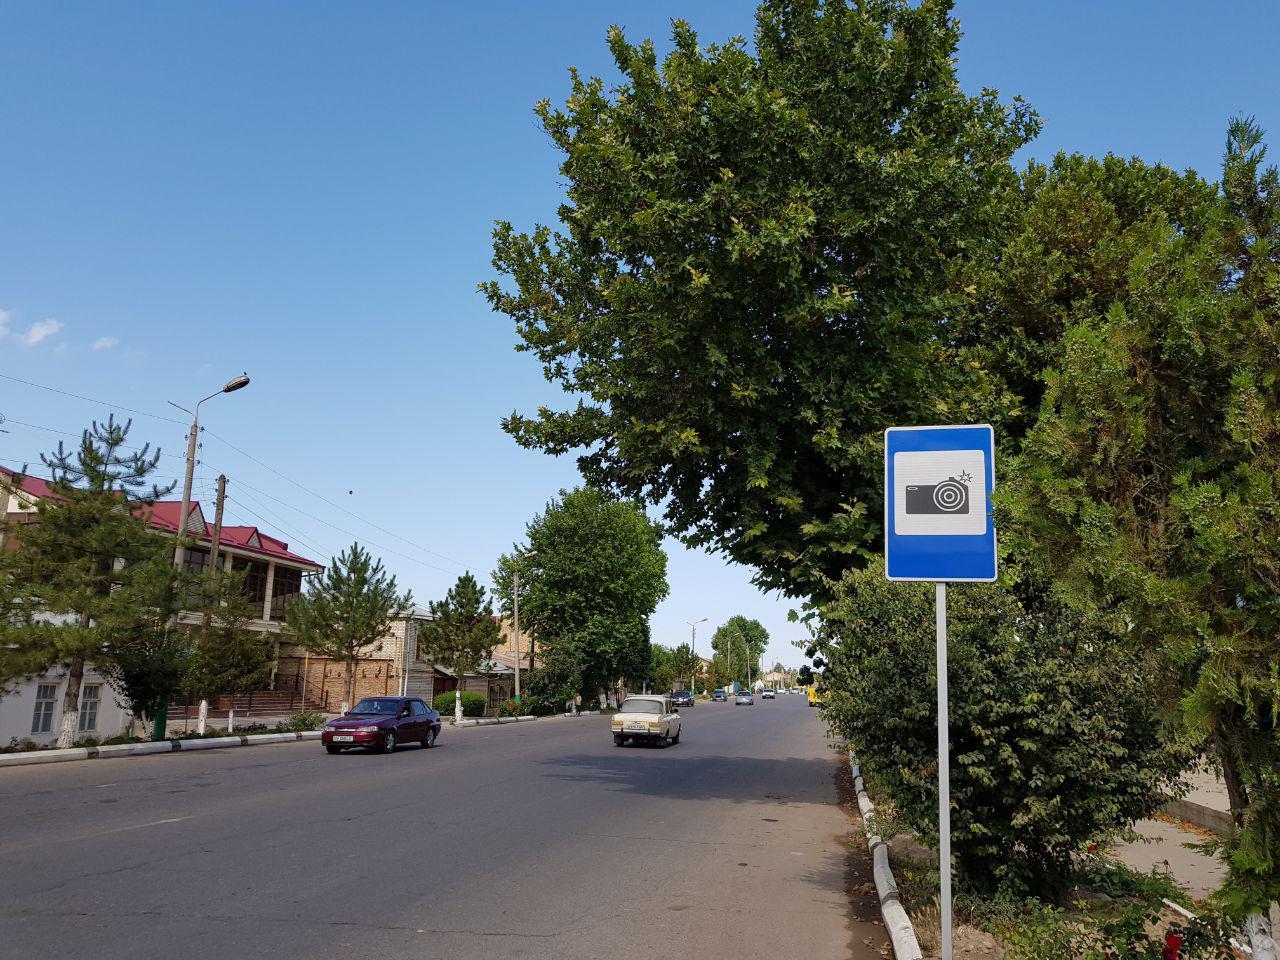 Знак фоторадар в Узбекистане